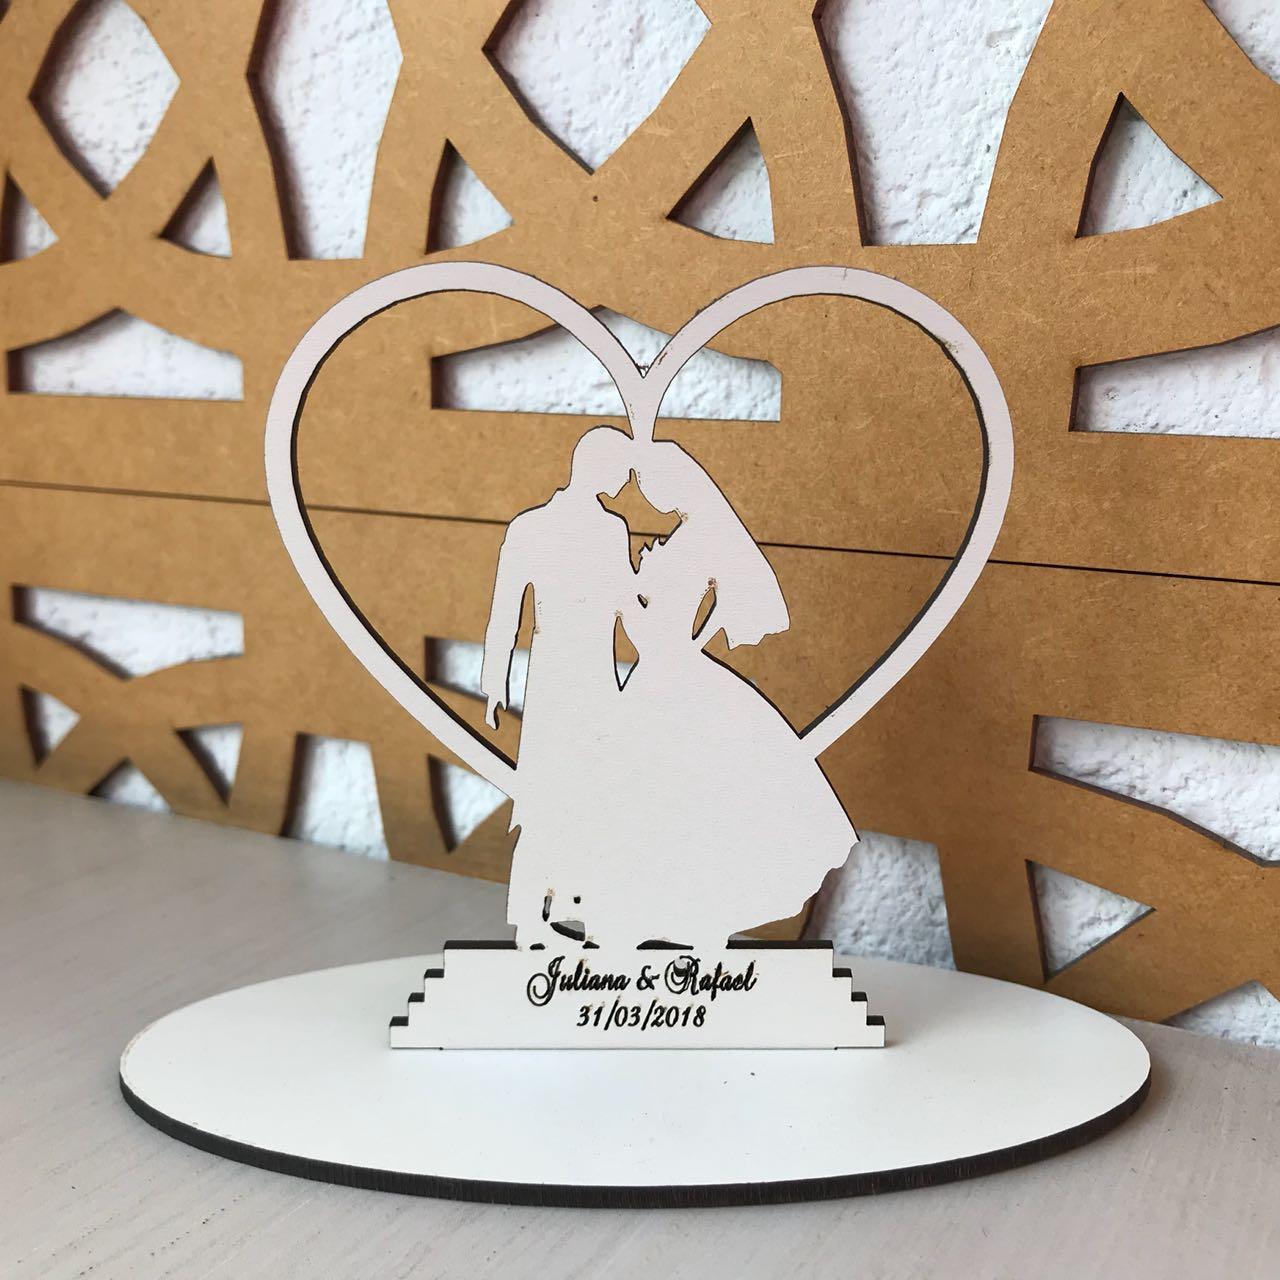 Ref. 001 - Kit Lembrancinhas de Casamento MDF Branco Coração Noivos 2